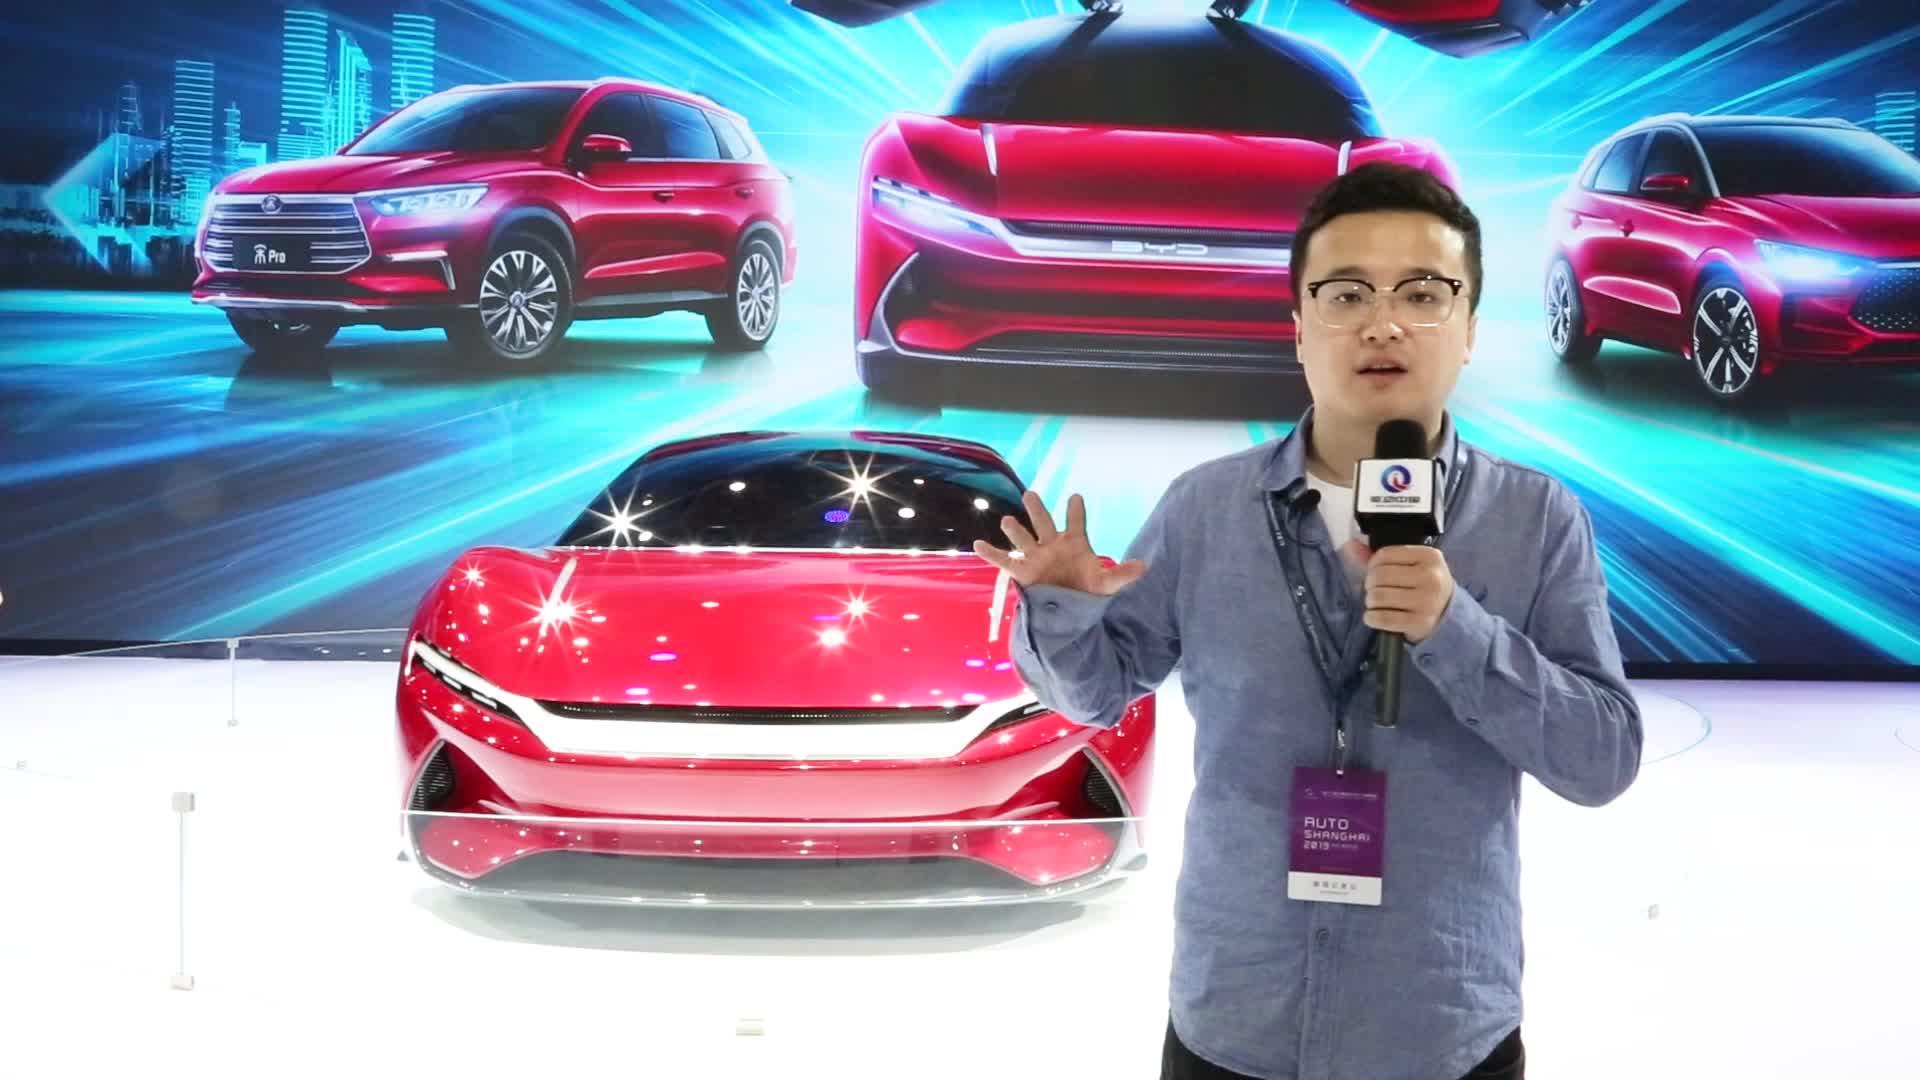 百公里加速仅2.9 比亚迪E-SEED上海车展惊艳亮相